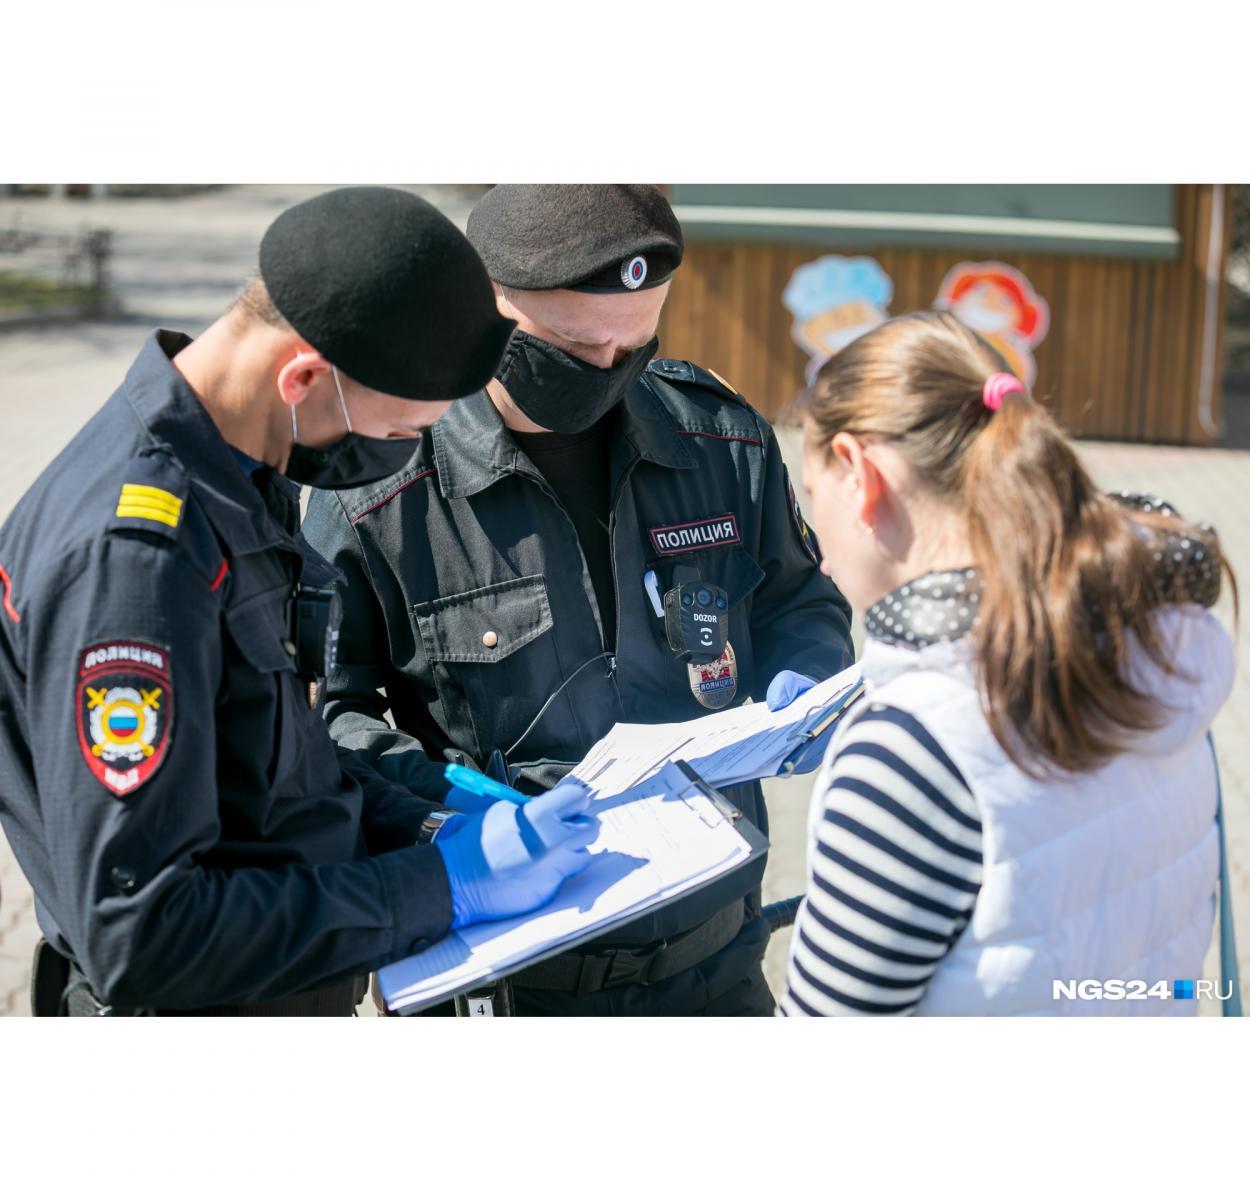 Еще 4 организации Брянска оштрафованы за несоблюдение масочного режима